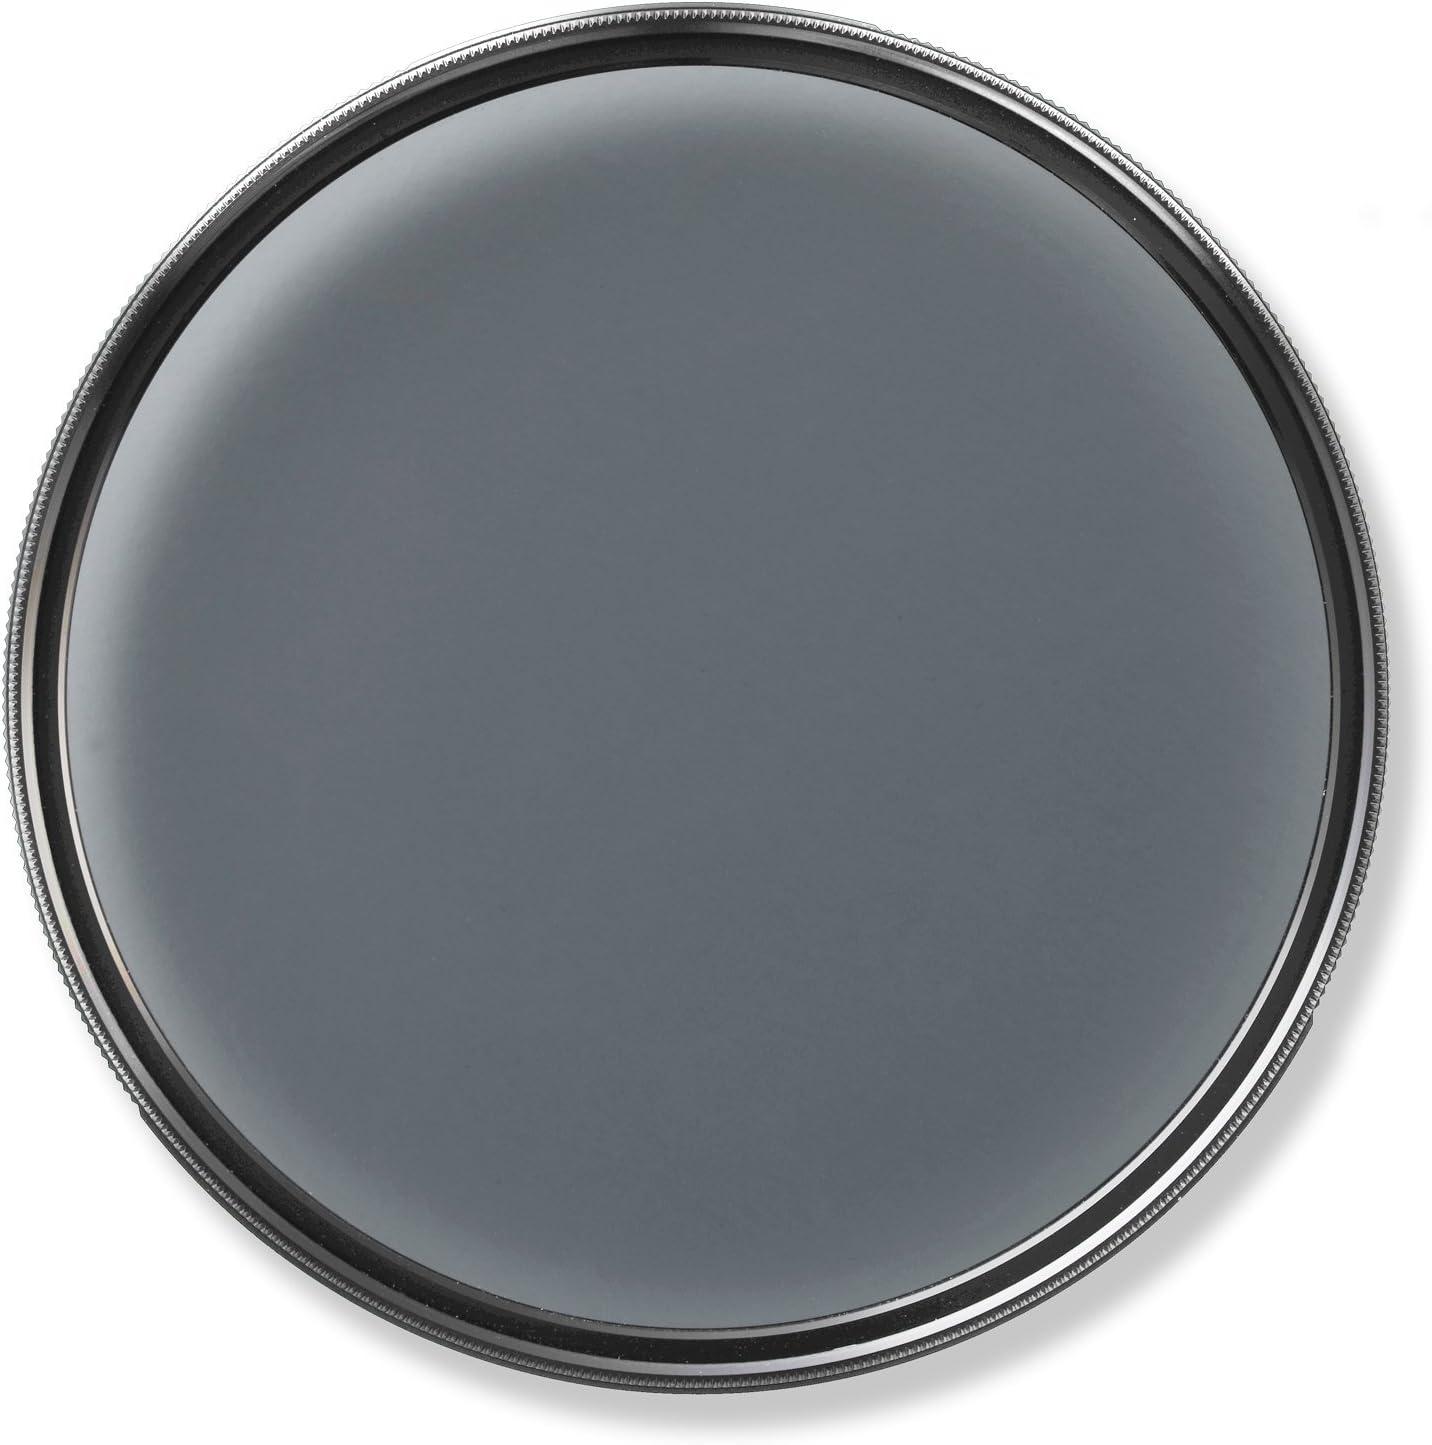 Zeiss 58mm T Circular Polarizer Filter